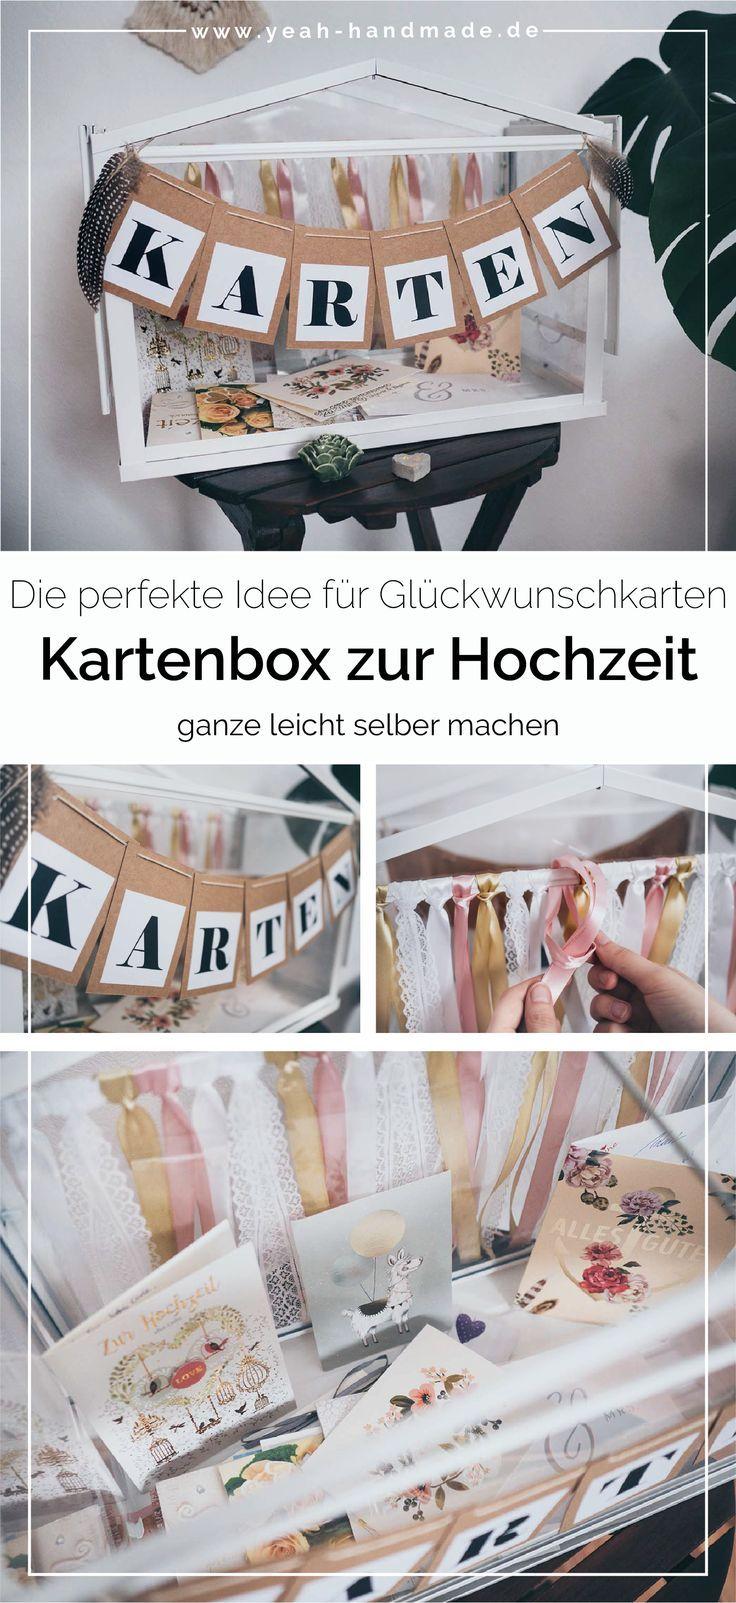 DIY Kartenbox zur Hochzeit selber machen